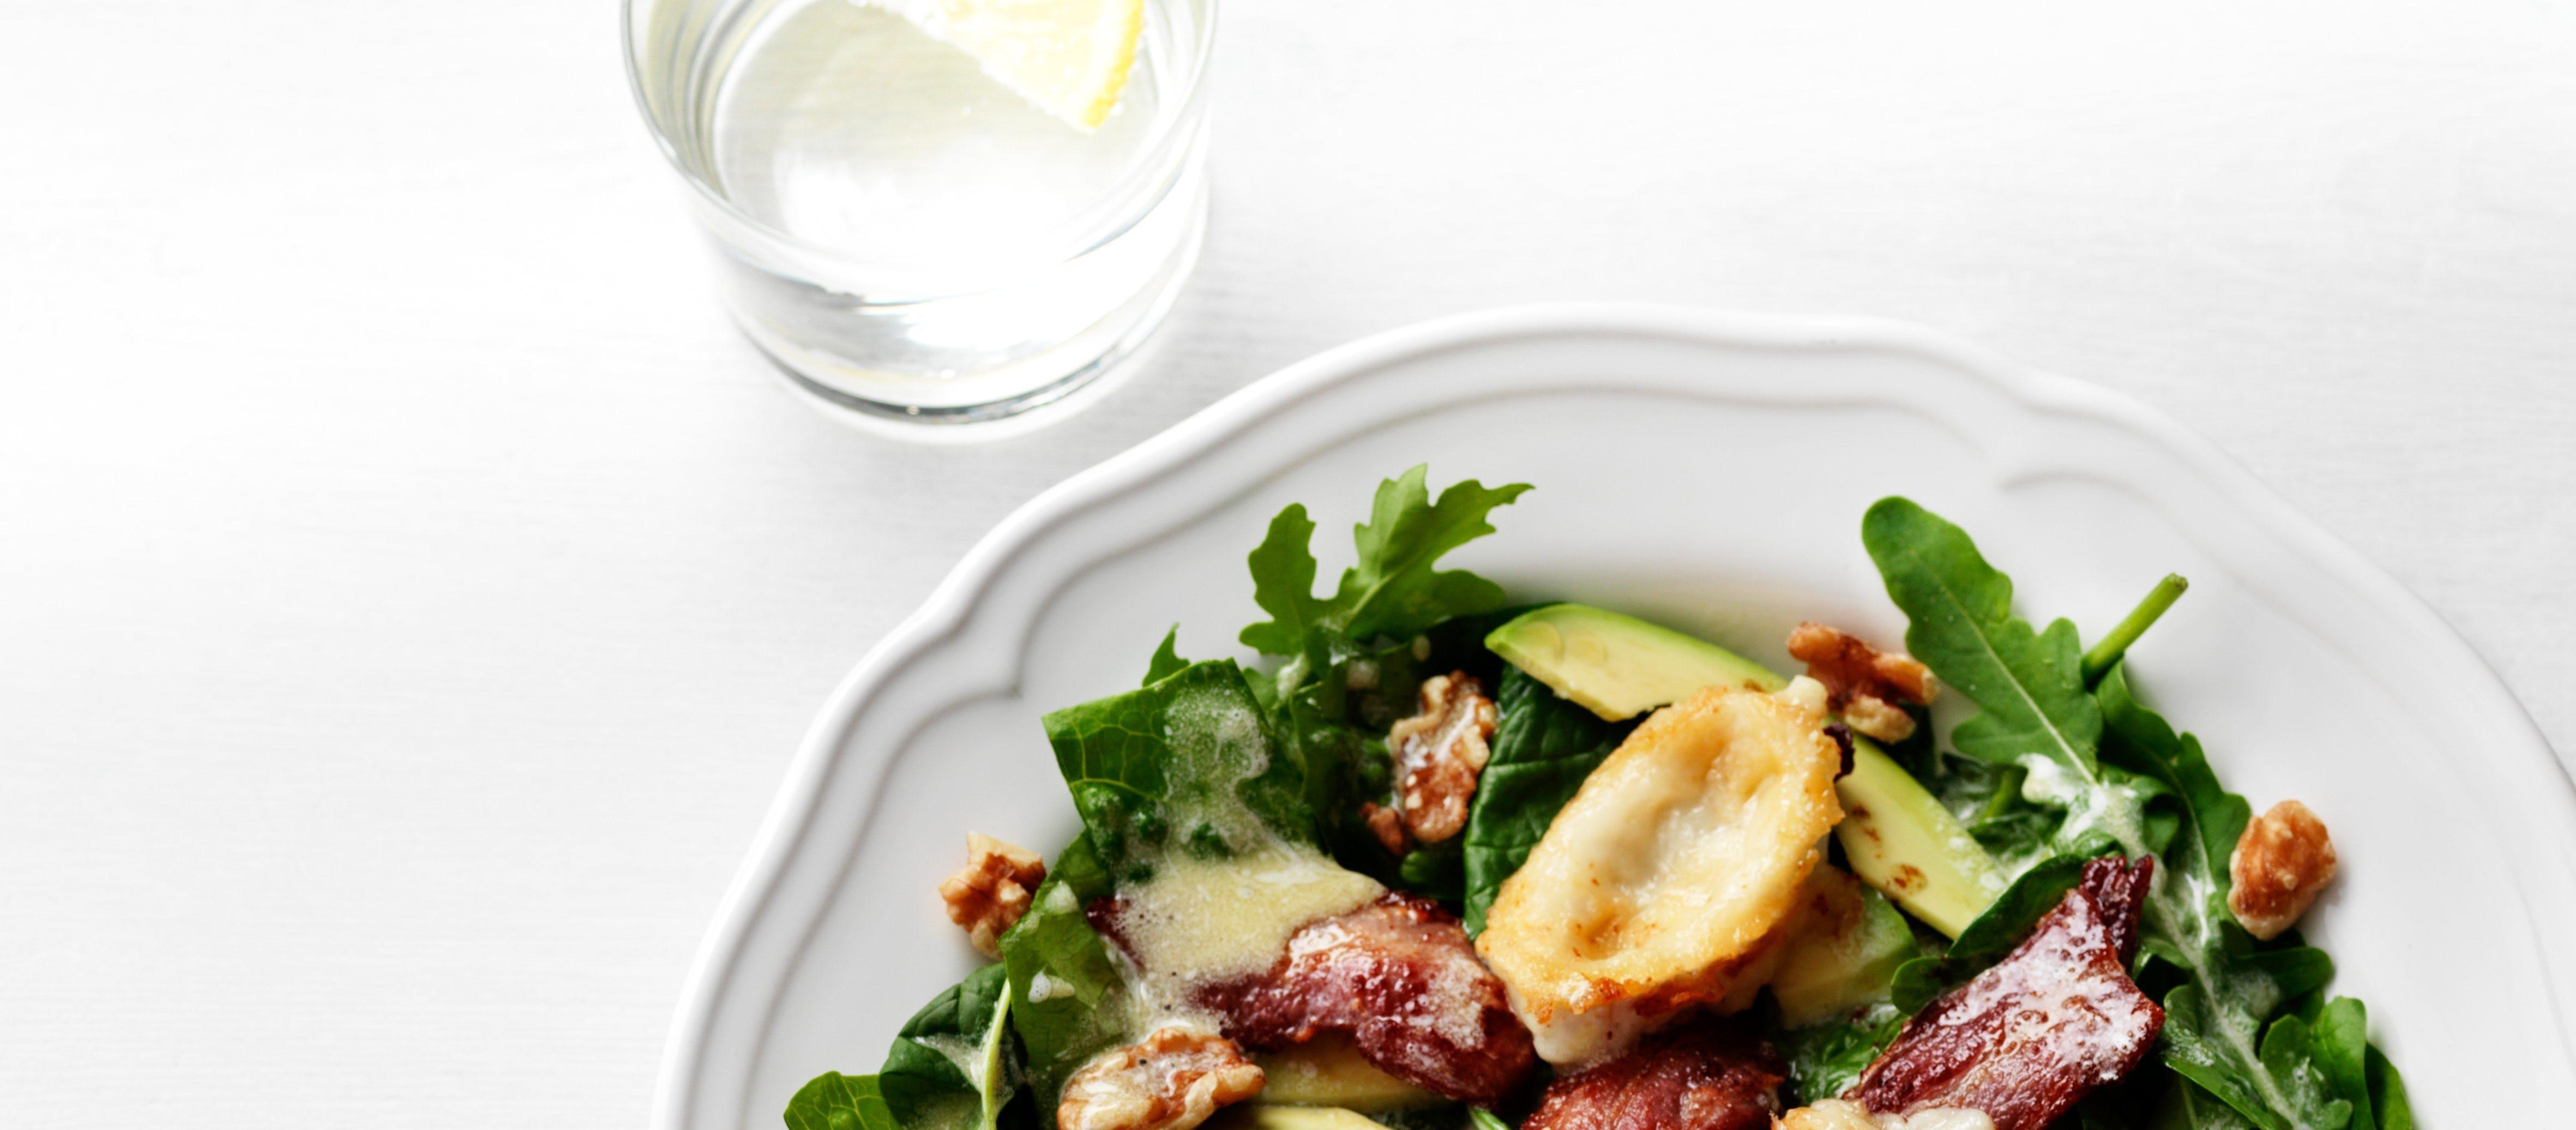 Low-carb salads